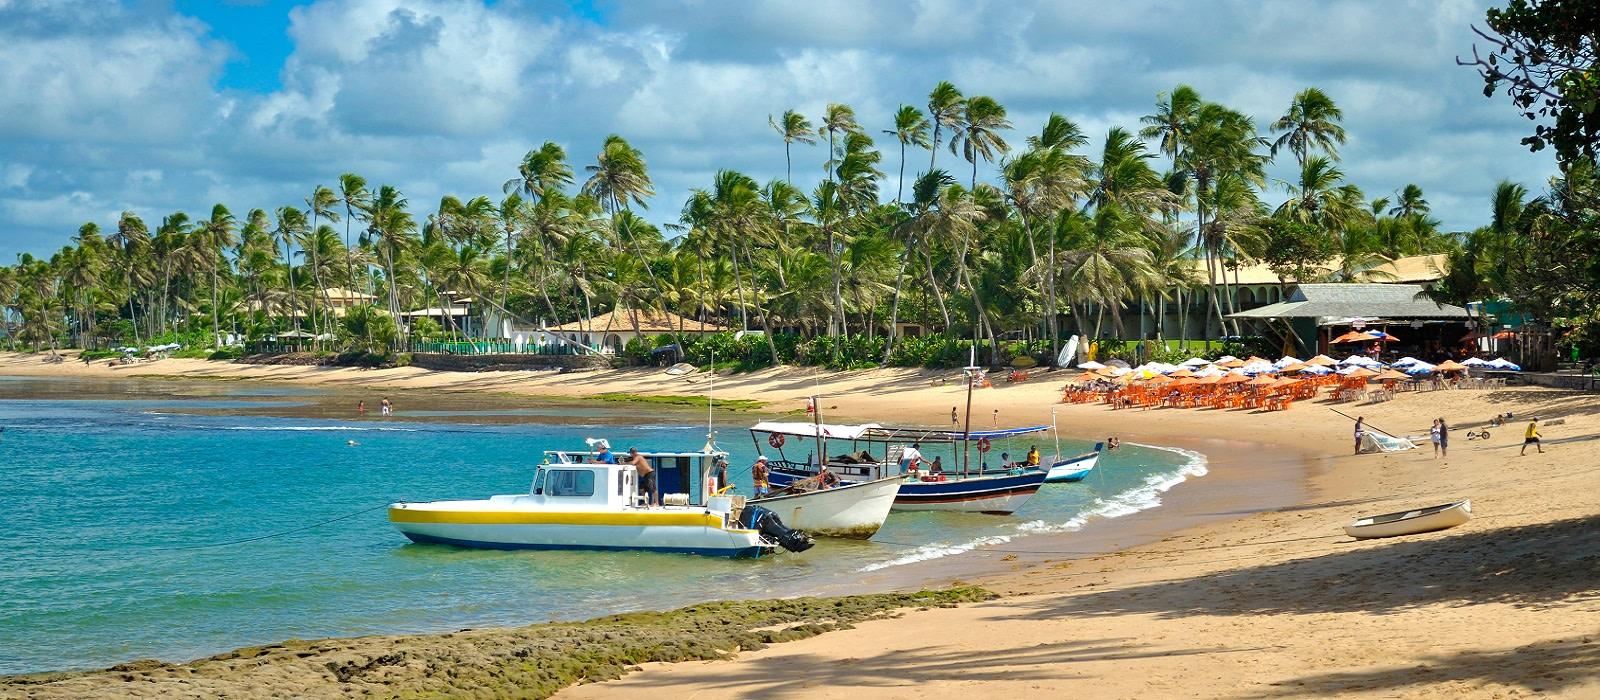 Brazil's Beaches, Rio and the Amazon Tour Trip 1